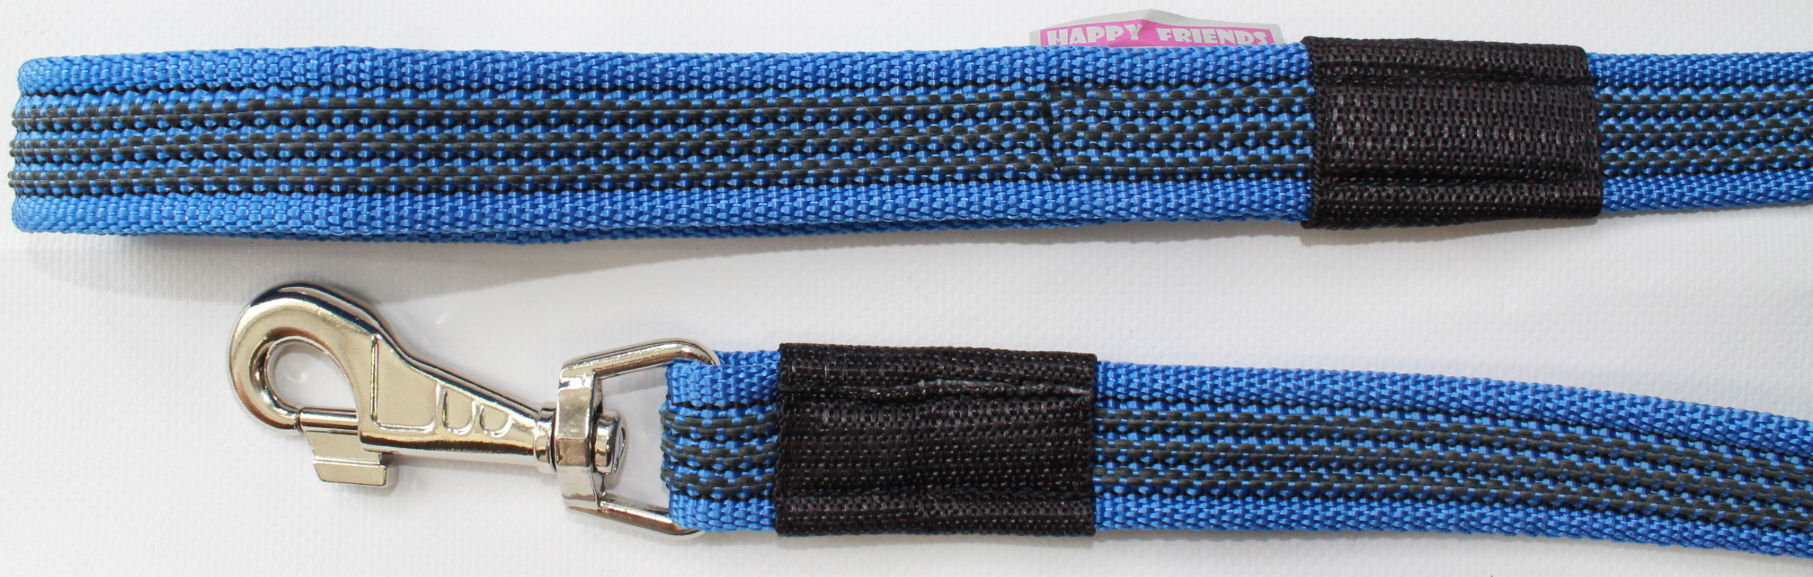 Поводок для собак Happy Friends, плавающий, нескользящий, с усиленным карабином, цвет: синий, ширина 2,5 см, длина 1,20 м поводок для собак happy friends нескользящий цвет синий ширина 2 см длина 2 м